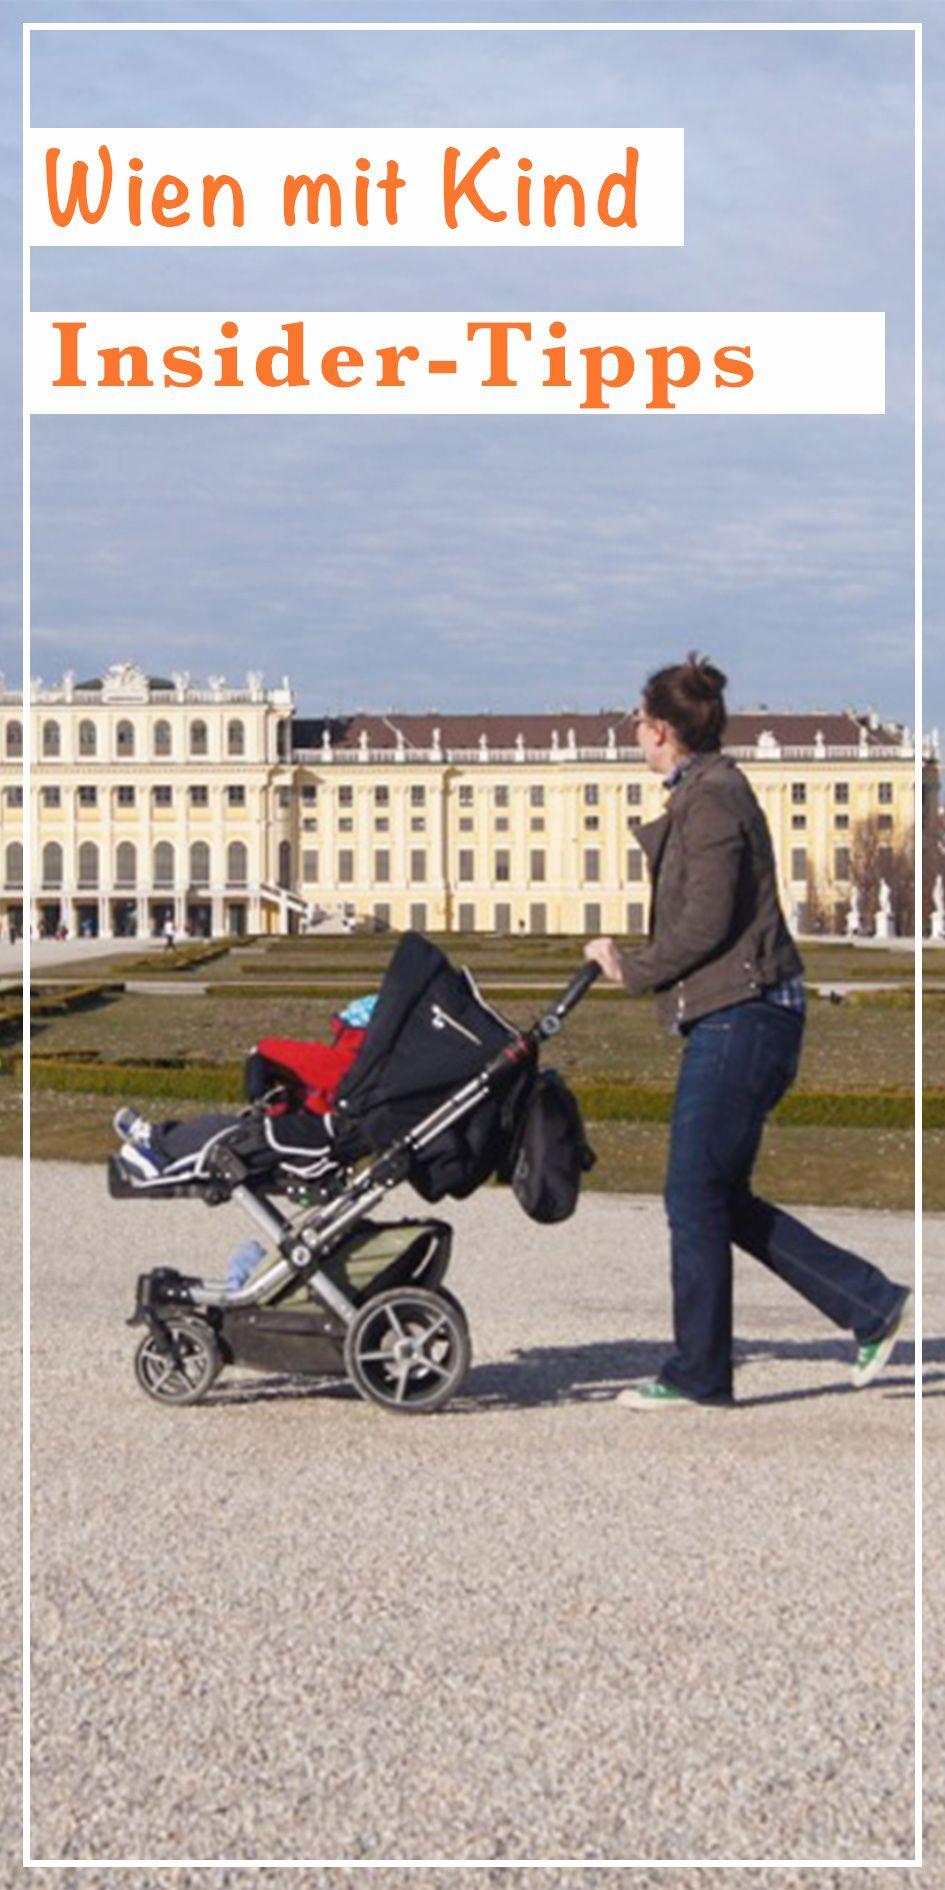 Wien Mit Kindern Praktische Tipps Von Einer Insiderin Reisen